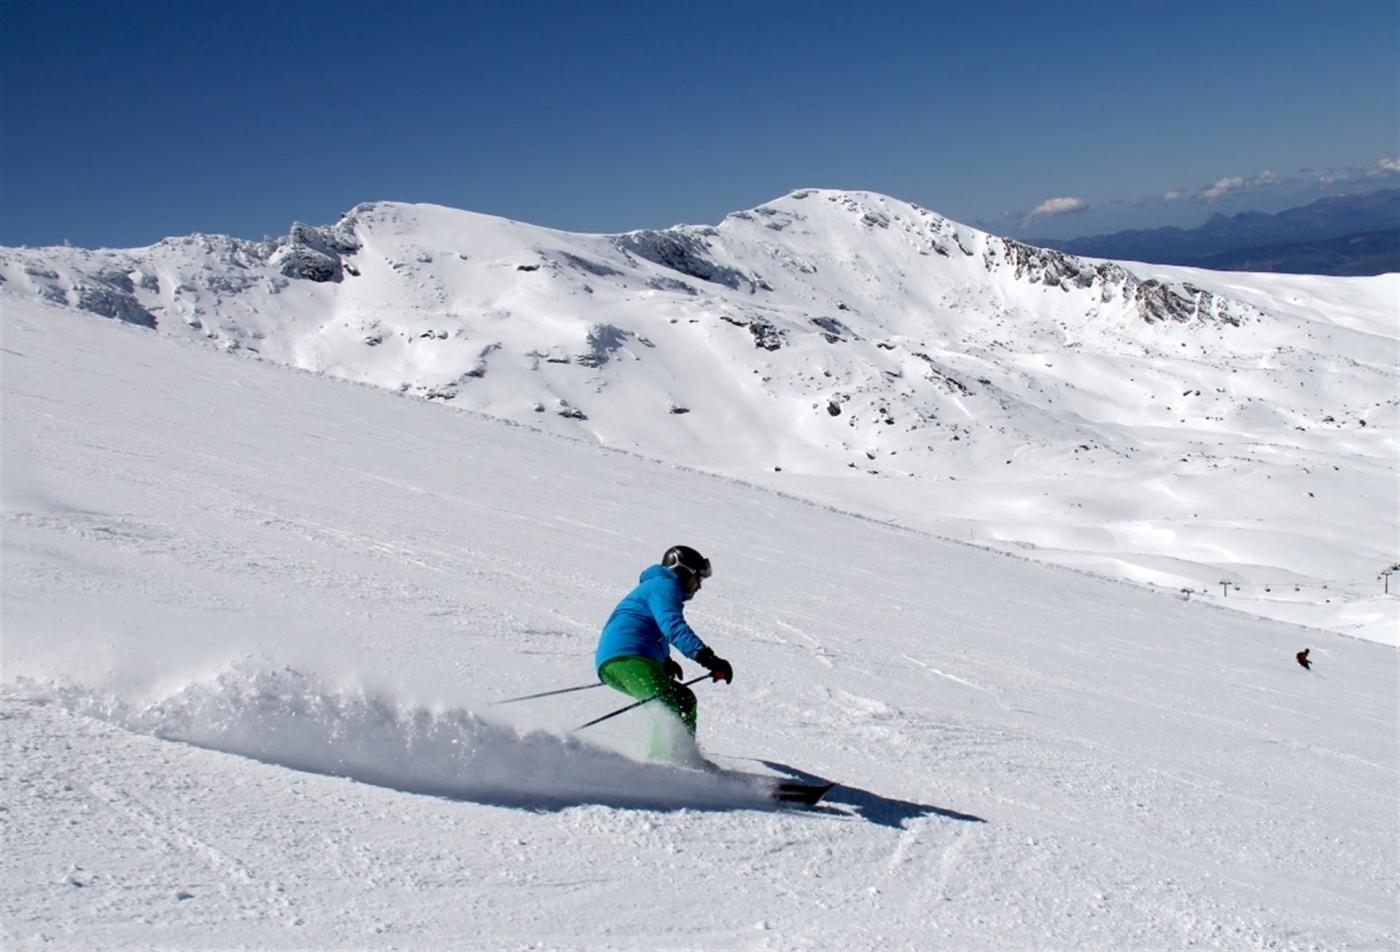 Sierra Nevada comienza la temporada con previsiones alentadoras